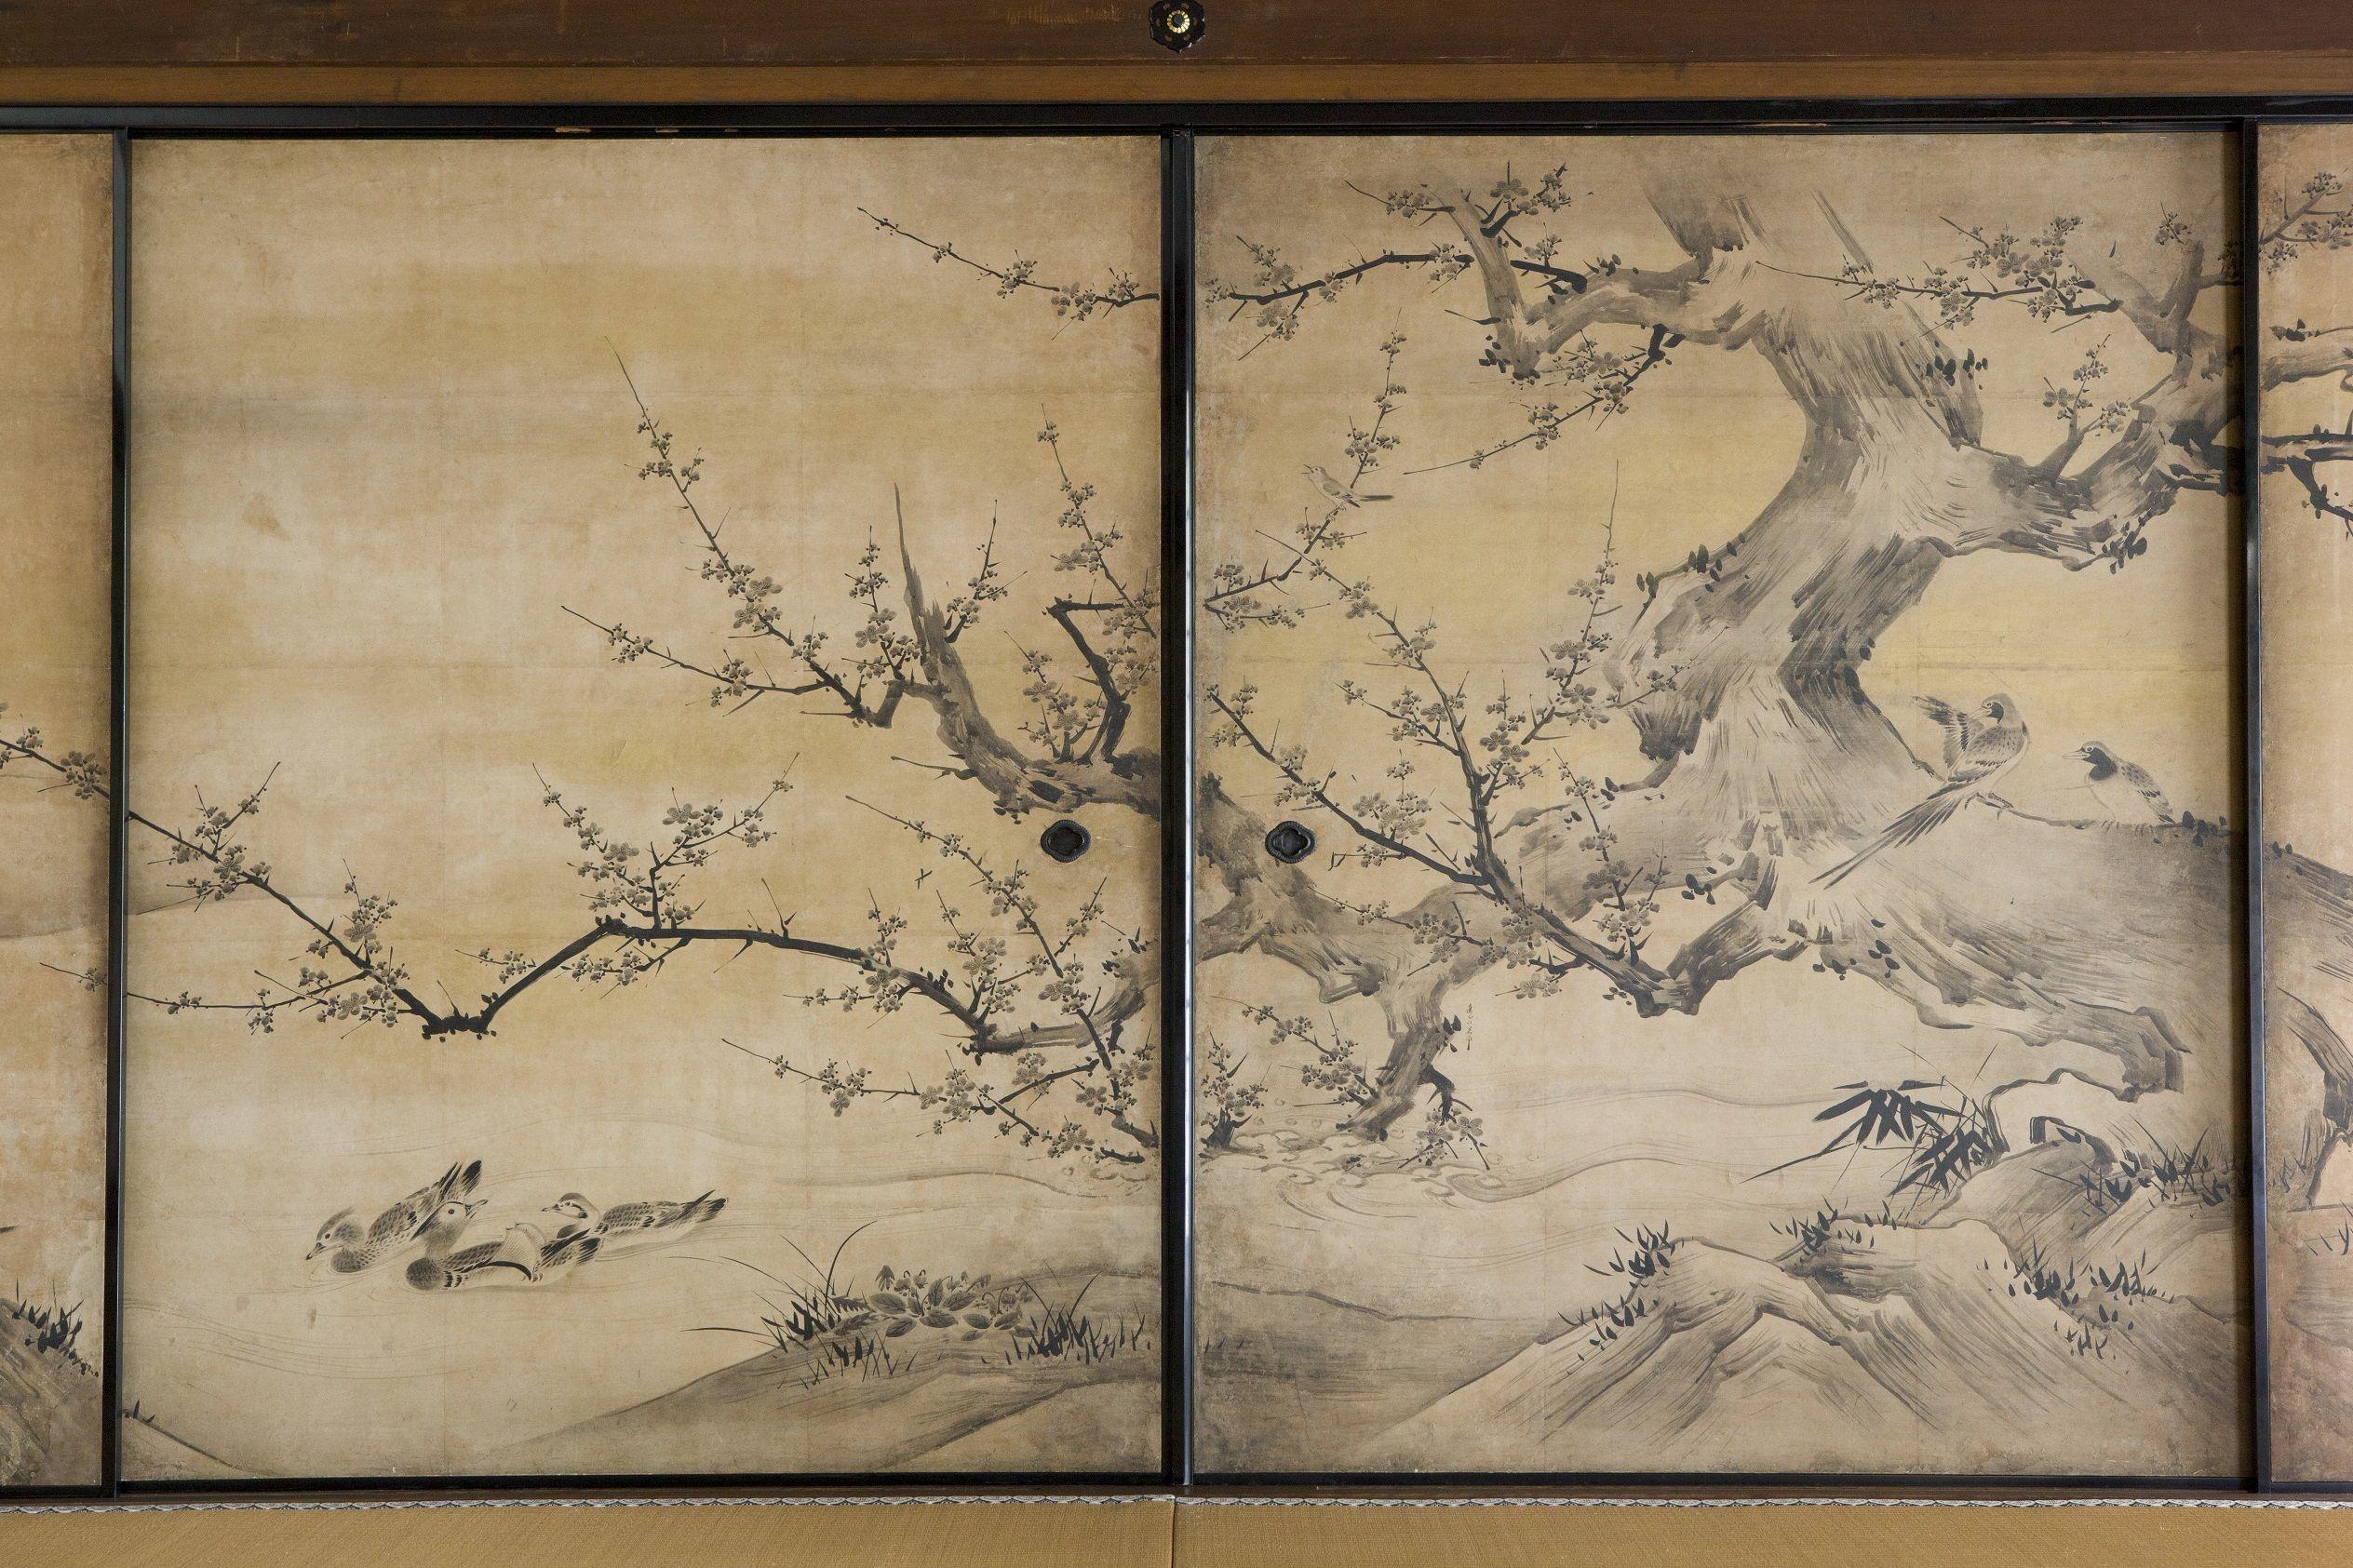 狩野永徳筆『花鳥図』4s 狩野永徳筆『花鳥図』4s | Kano Eitoku - 狩野永徳:J